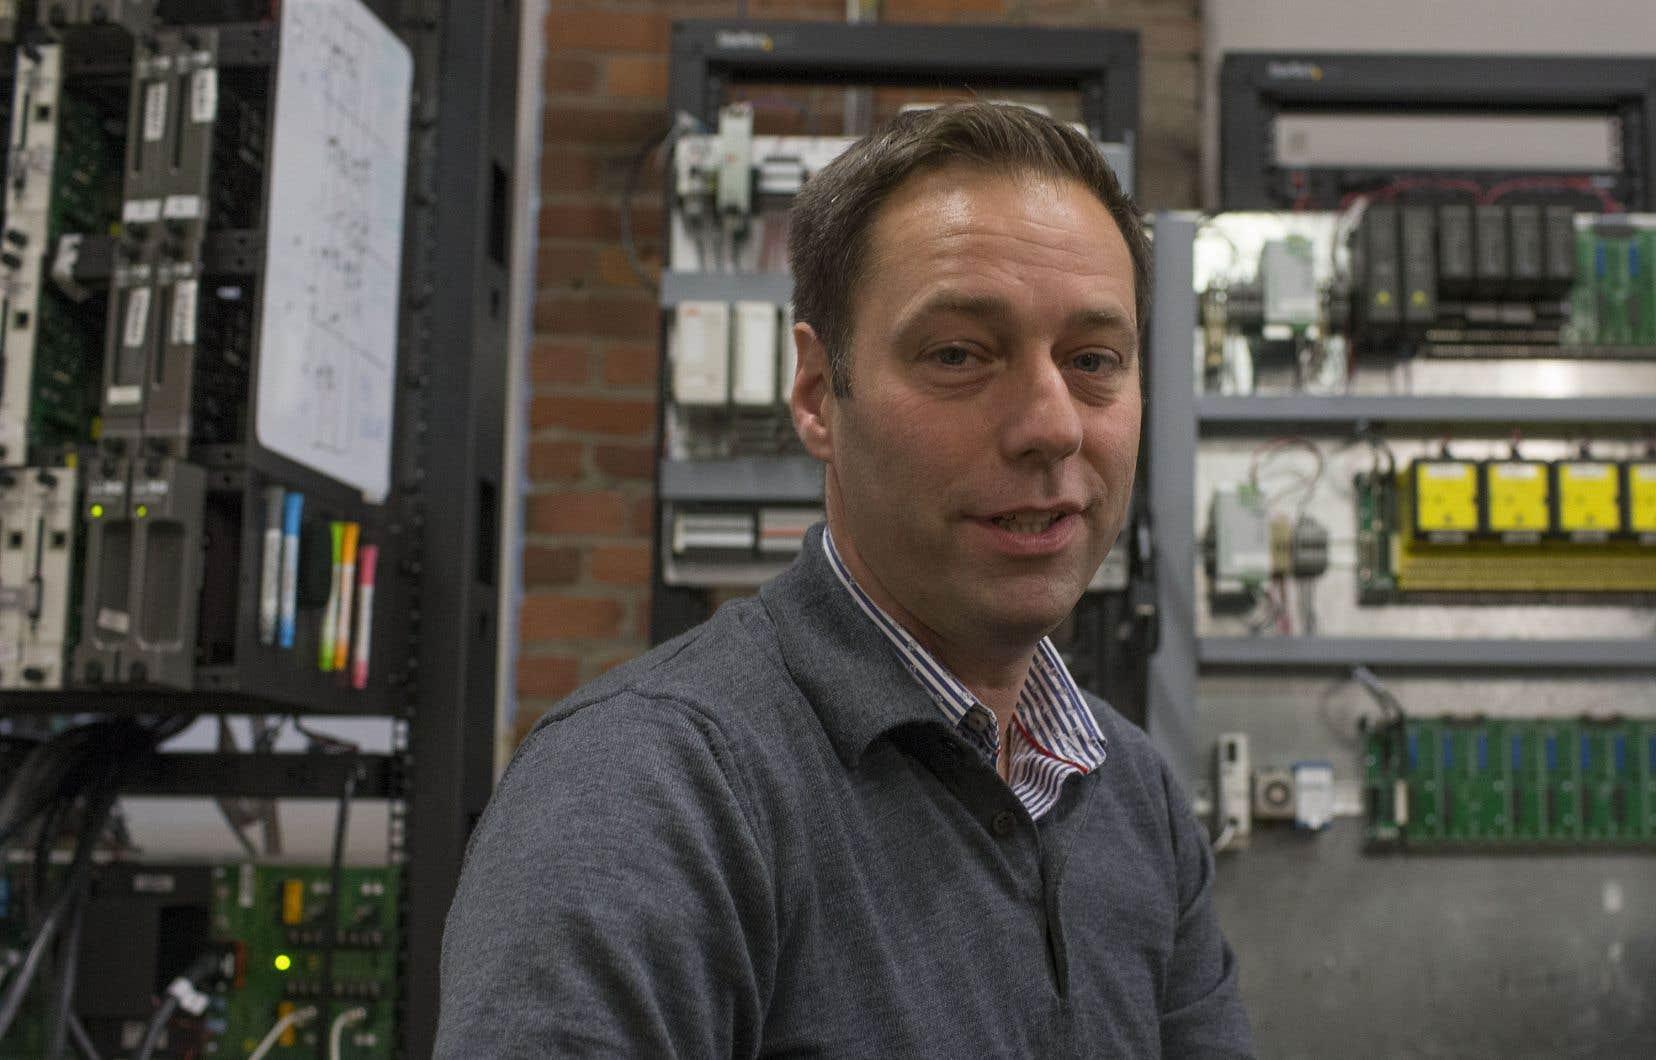 Avec le soutien d'un professeur de Polytechnique Montréal, Benoit Janvier et son équipe développent une application pour trouver les gens qui ont fréquenté les mêmes lieux publics que les personnes atteintes de la COVID-19.